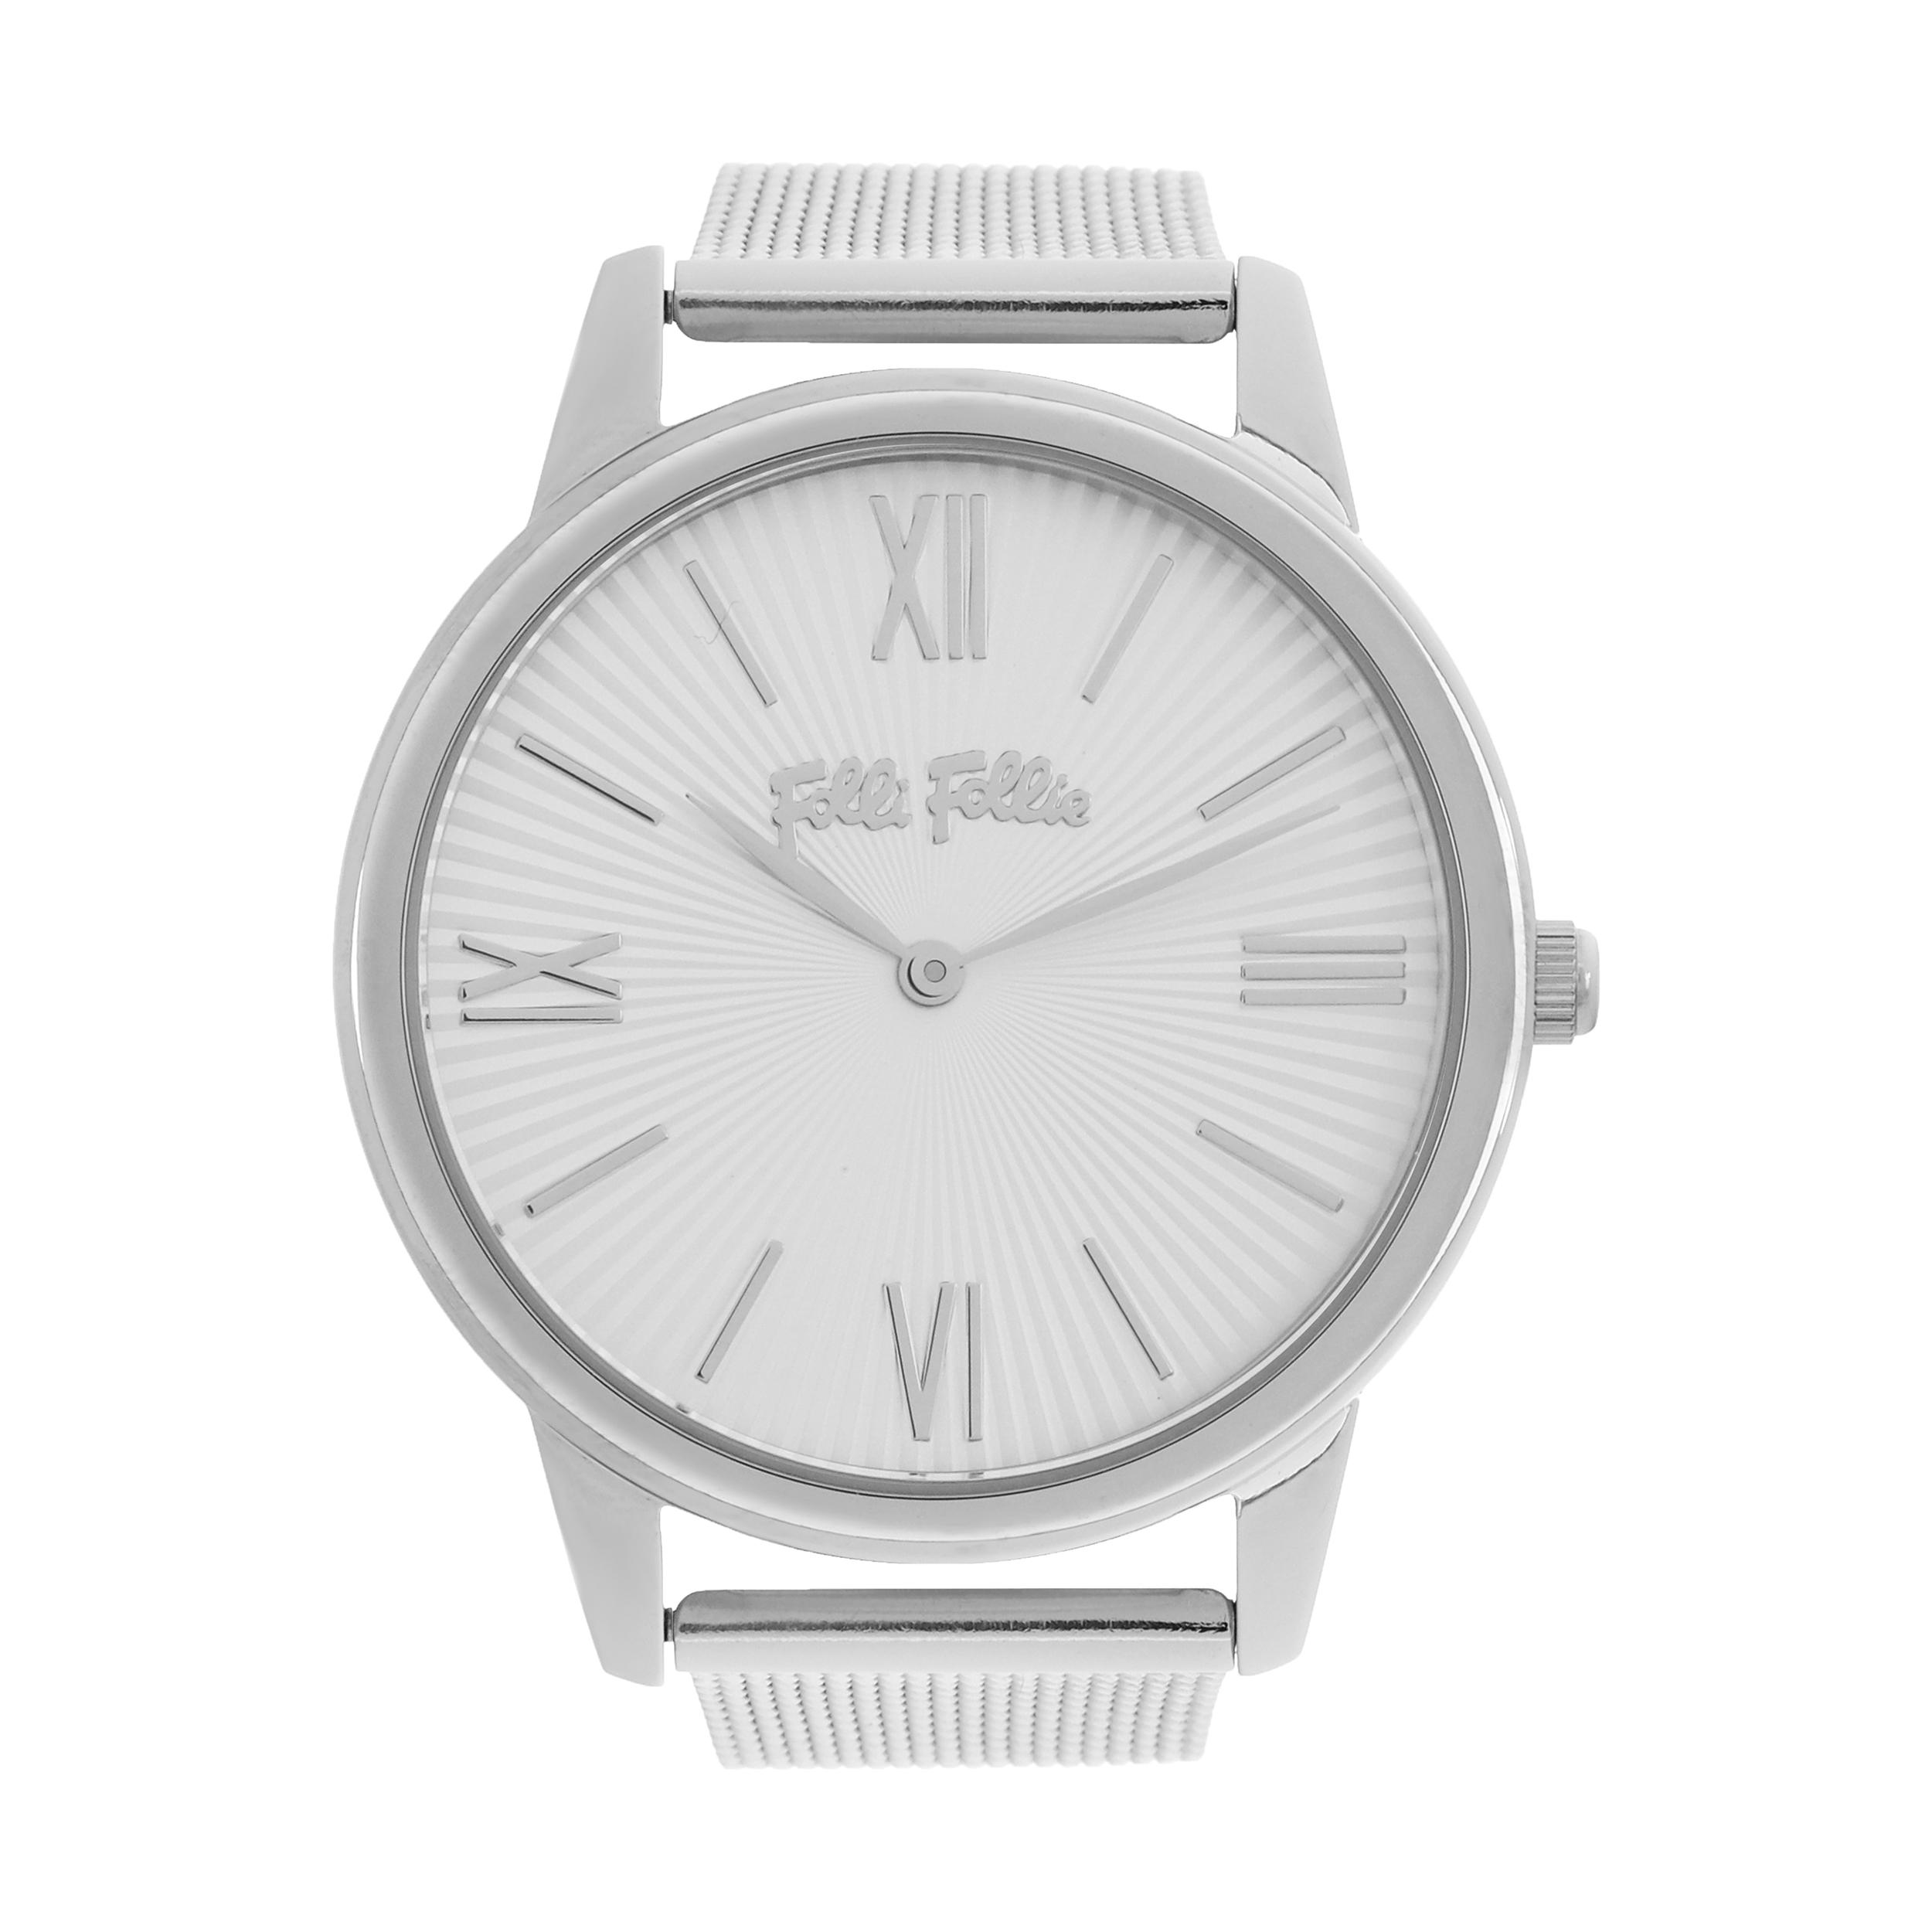 ساعت مچی عقربه ای زنانه فولی فولیه مدل WF15T033BPW-XX (بدون جعبه اورجینال)              خرید (⭐️⭐️⭐️)